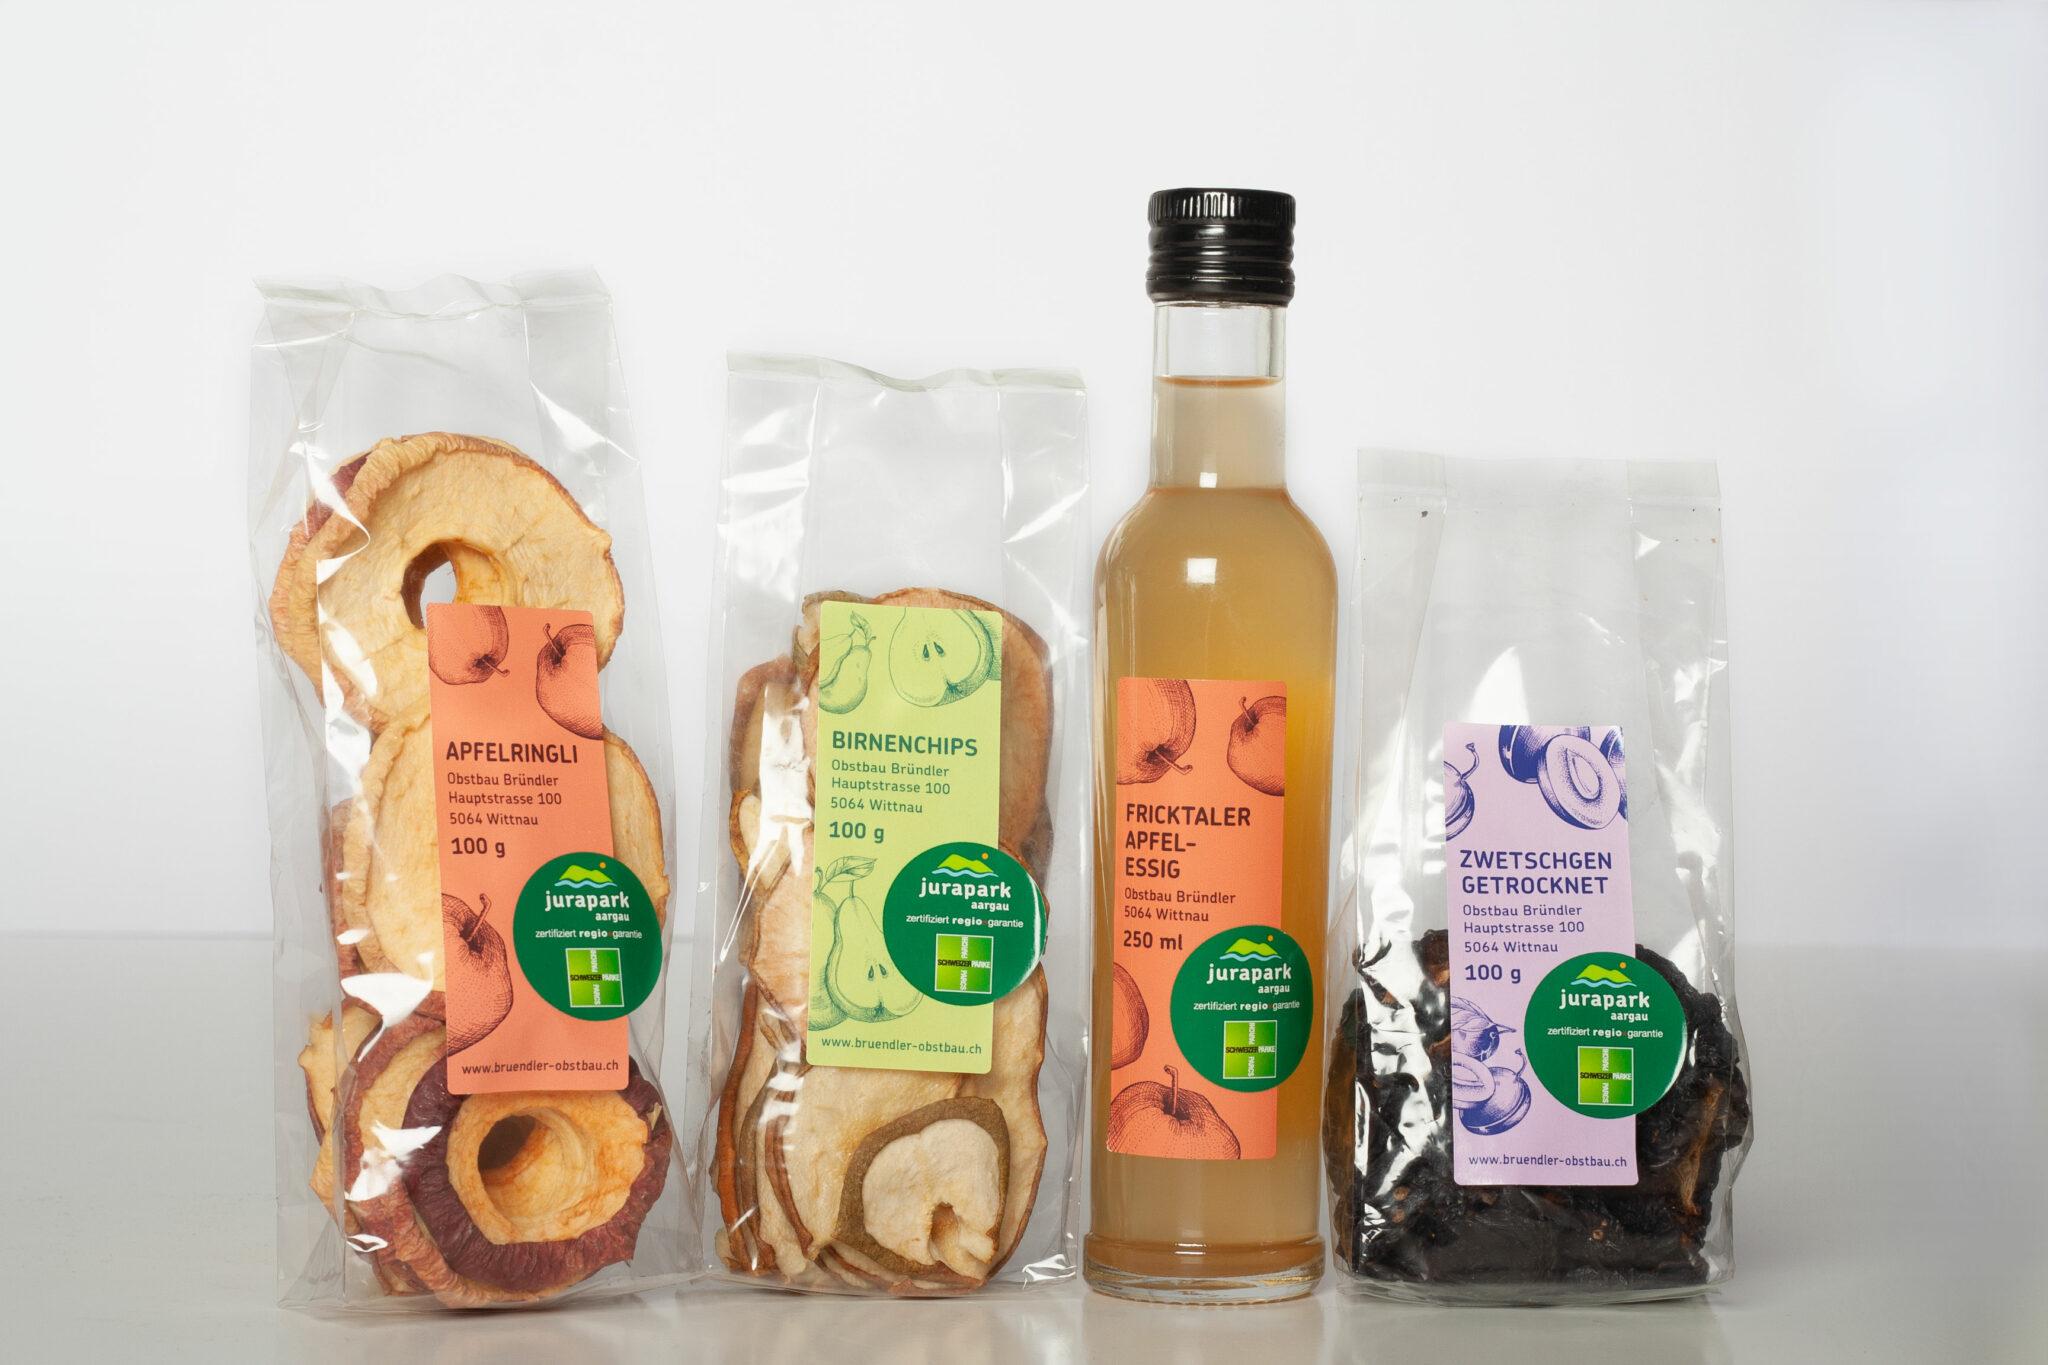 Lebensmittel-Etiketten für Jurapark Produkte